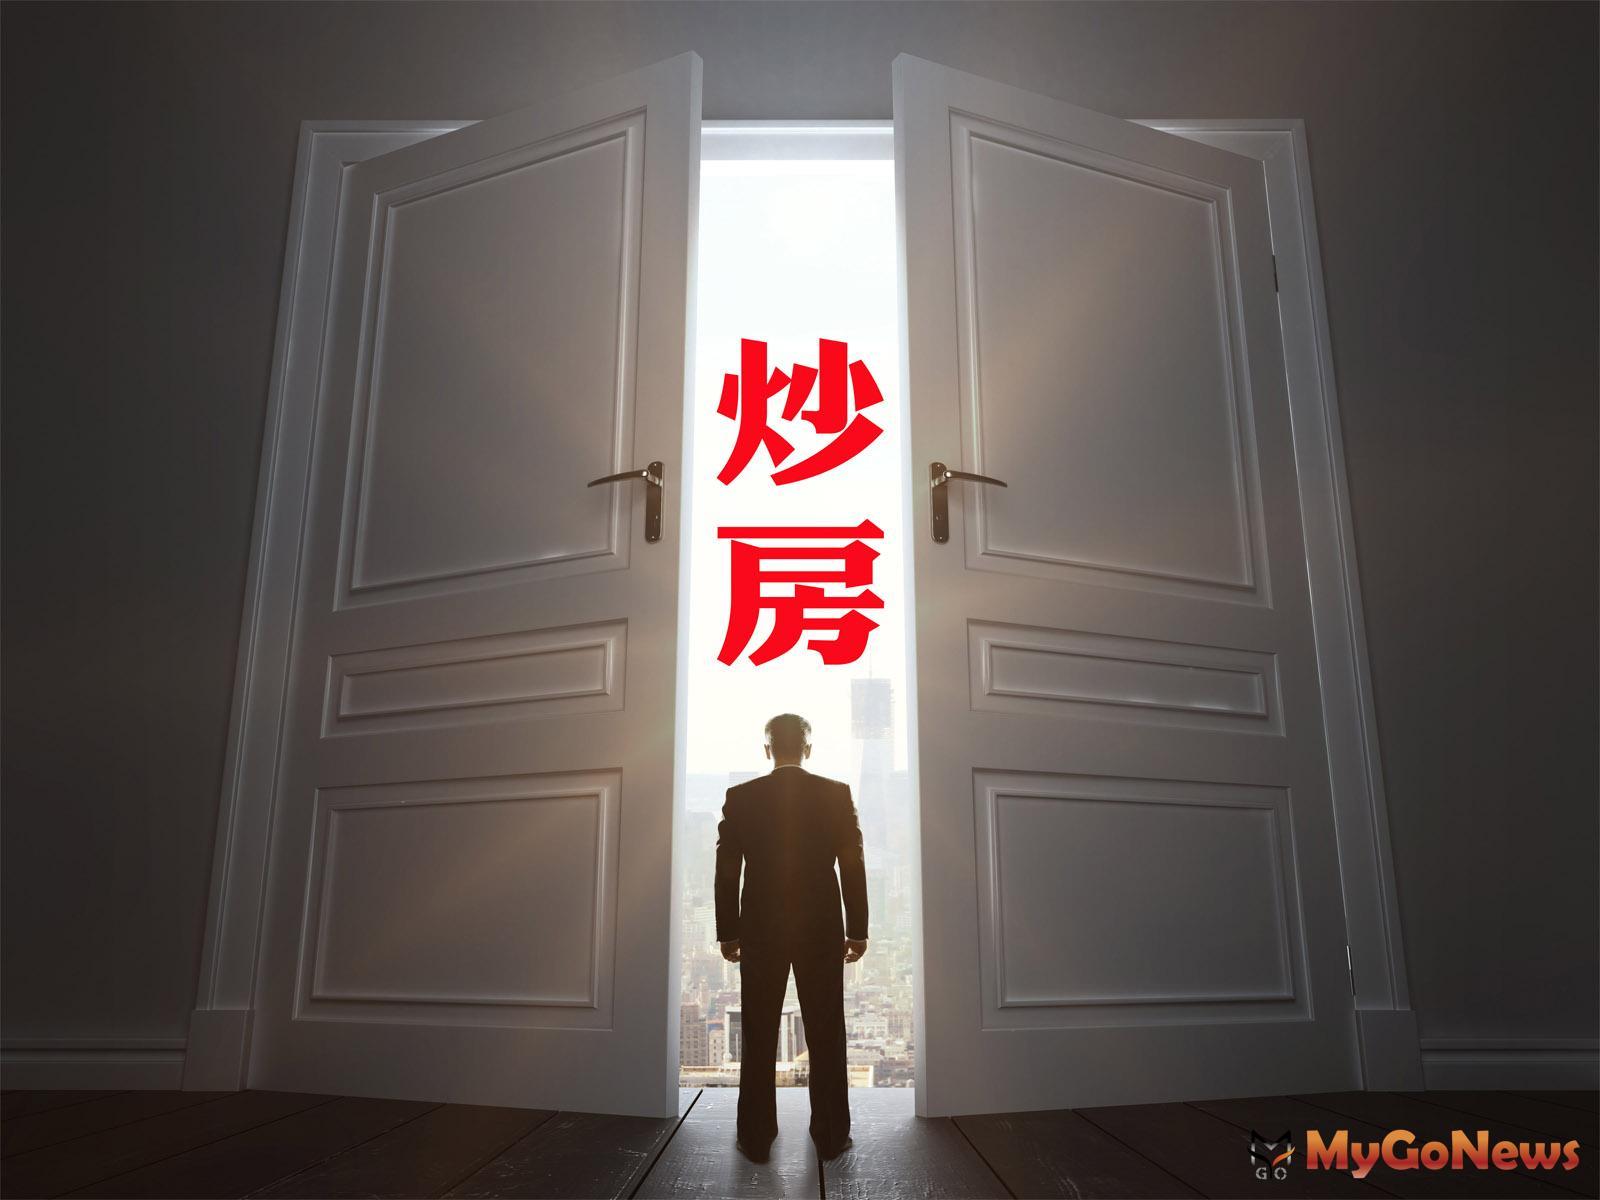 台北市府:房子是用來住的,不是用來炒的!合理房地稅制,實現居住正義 MyGoNews房地產新聞 區域情報